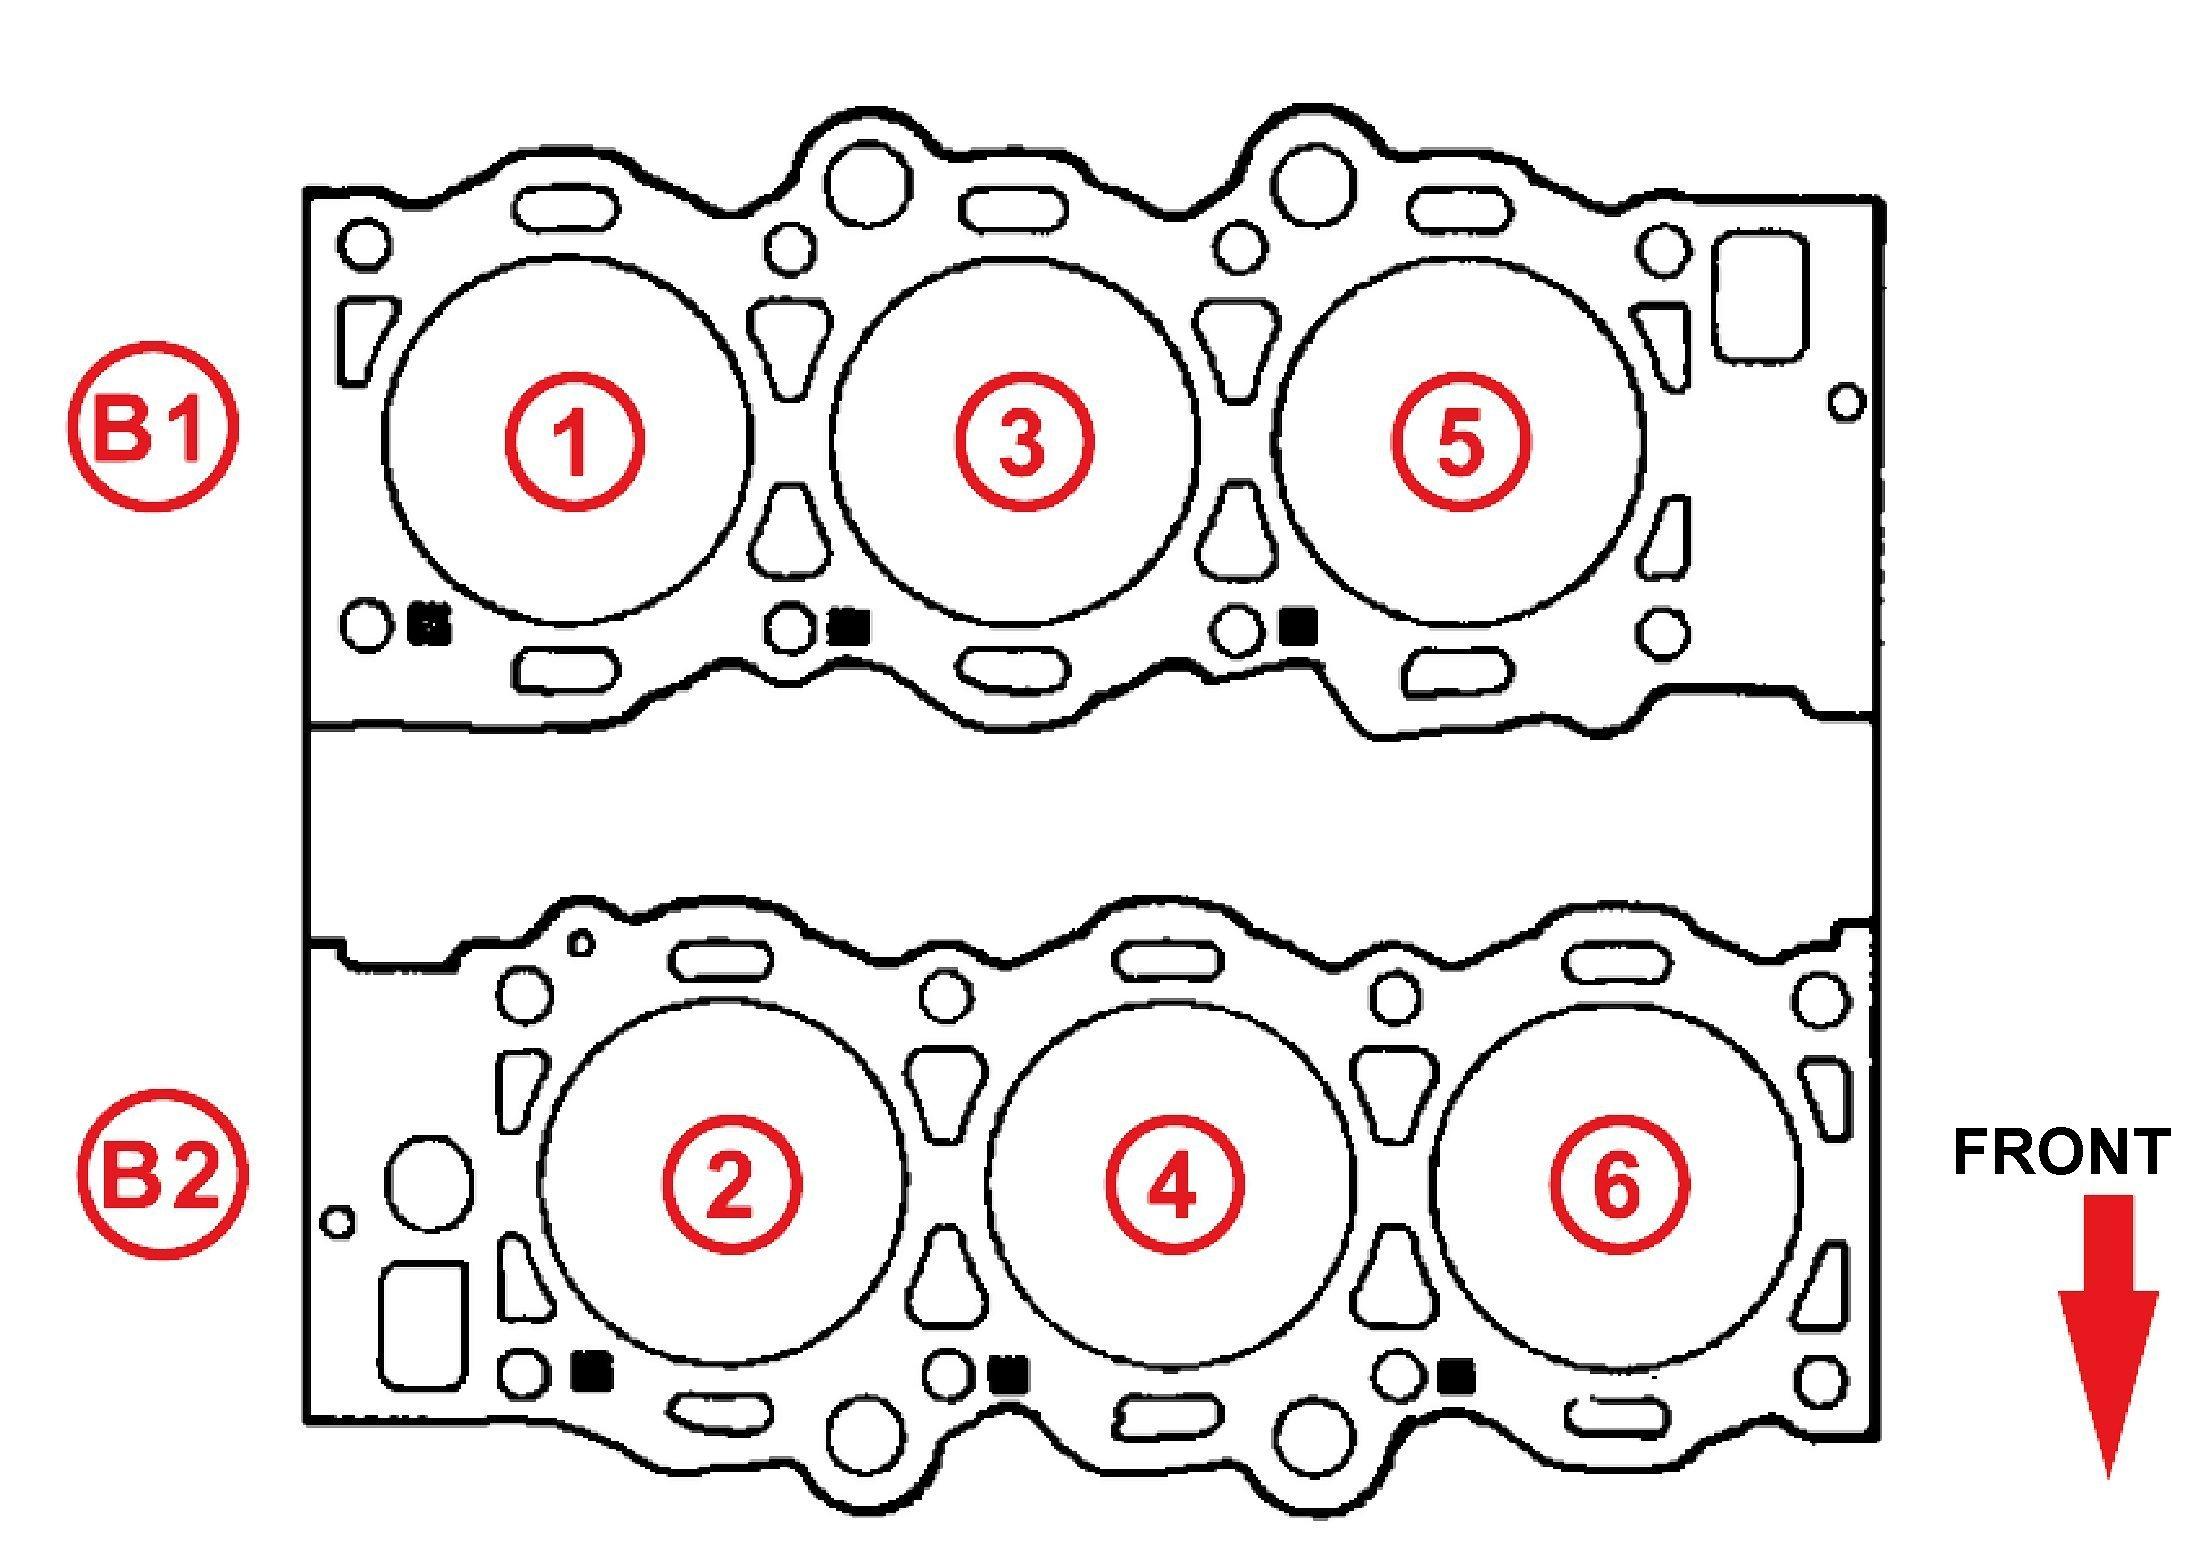 Rav4 V6 Engine Diagram Not Lossing Wiring 2006 Toyota Fuse Library Rh 77 Skriptoase De Frame